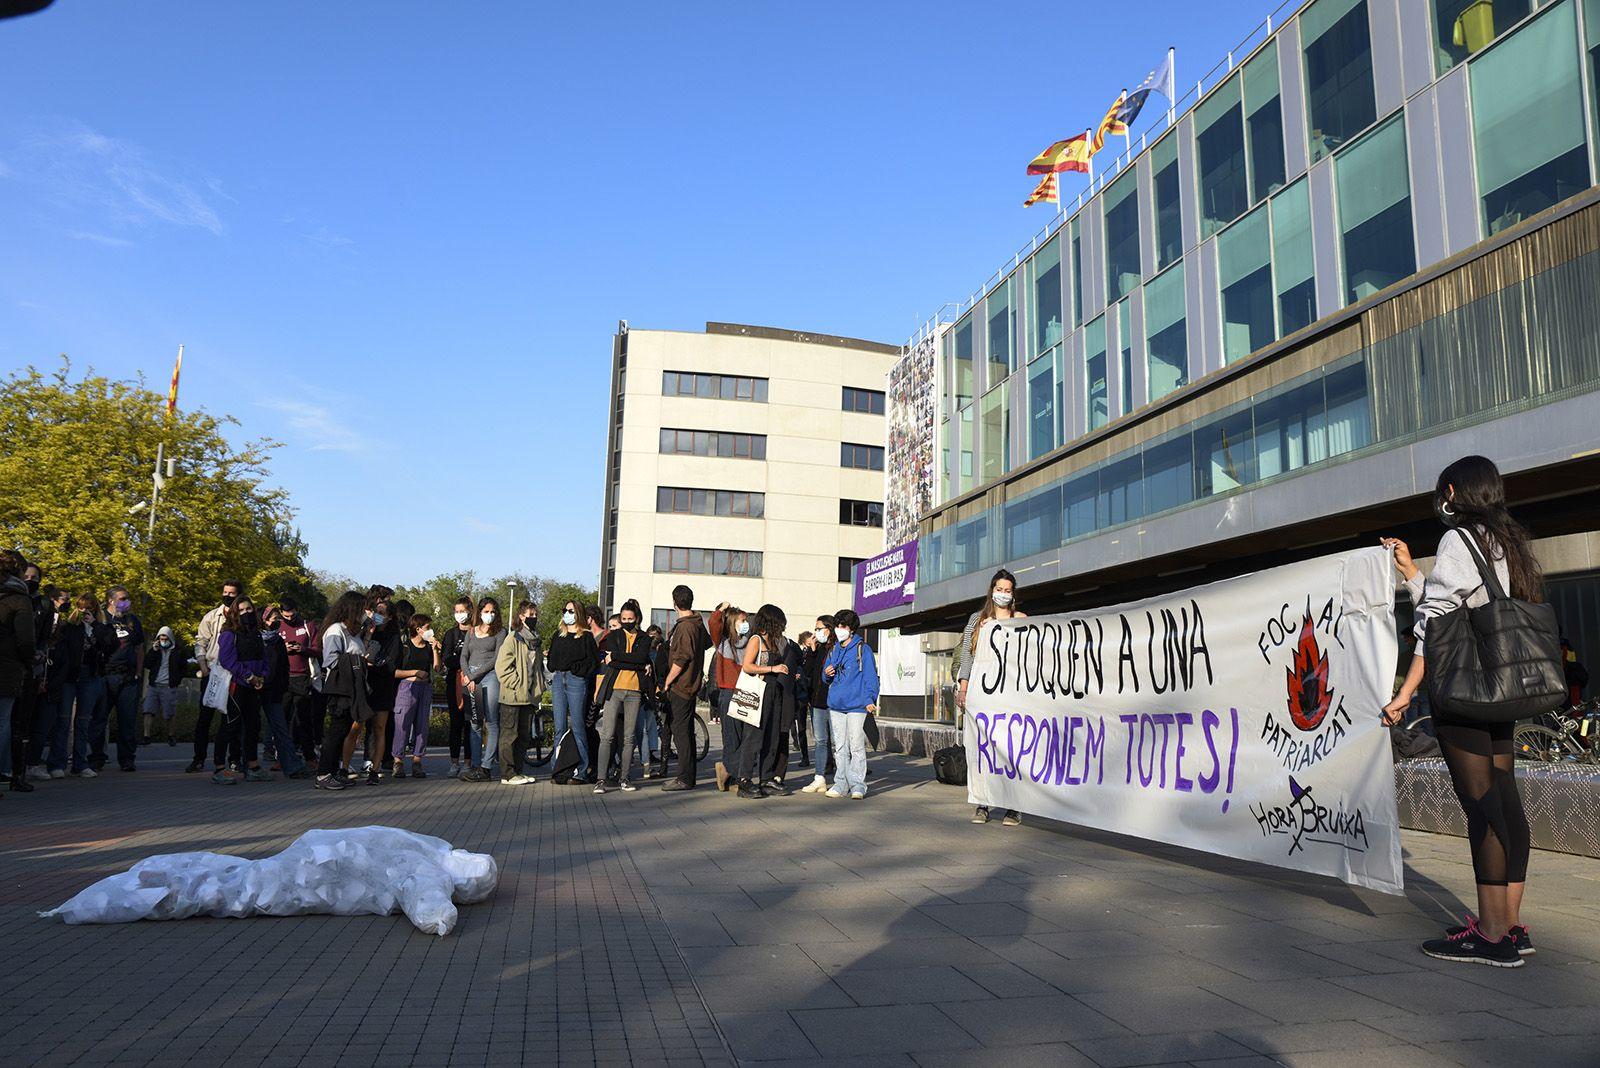 Concentració feminista denuncia l'abús sexual a una menor. Fotos Bernat Millet 3